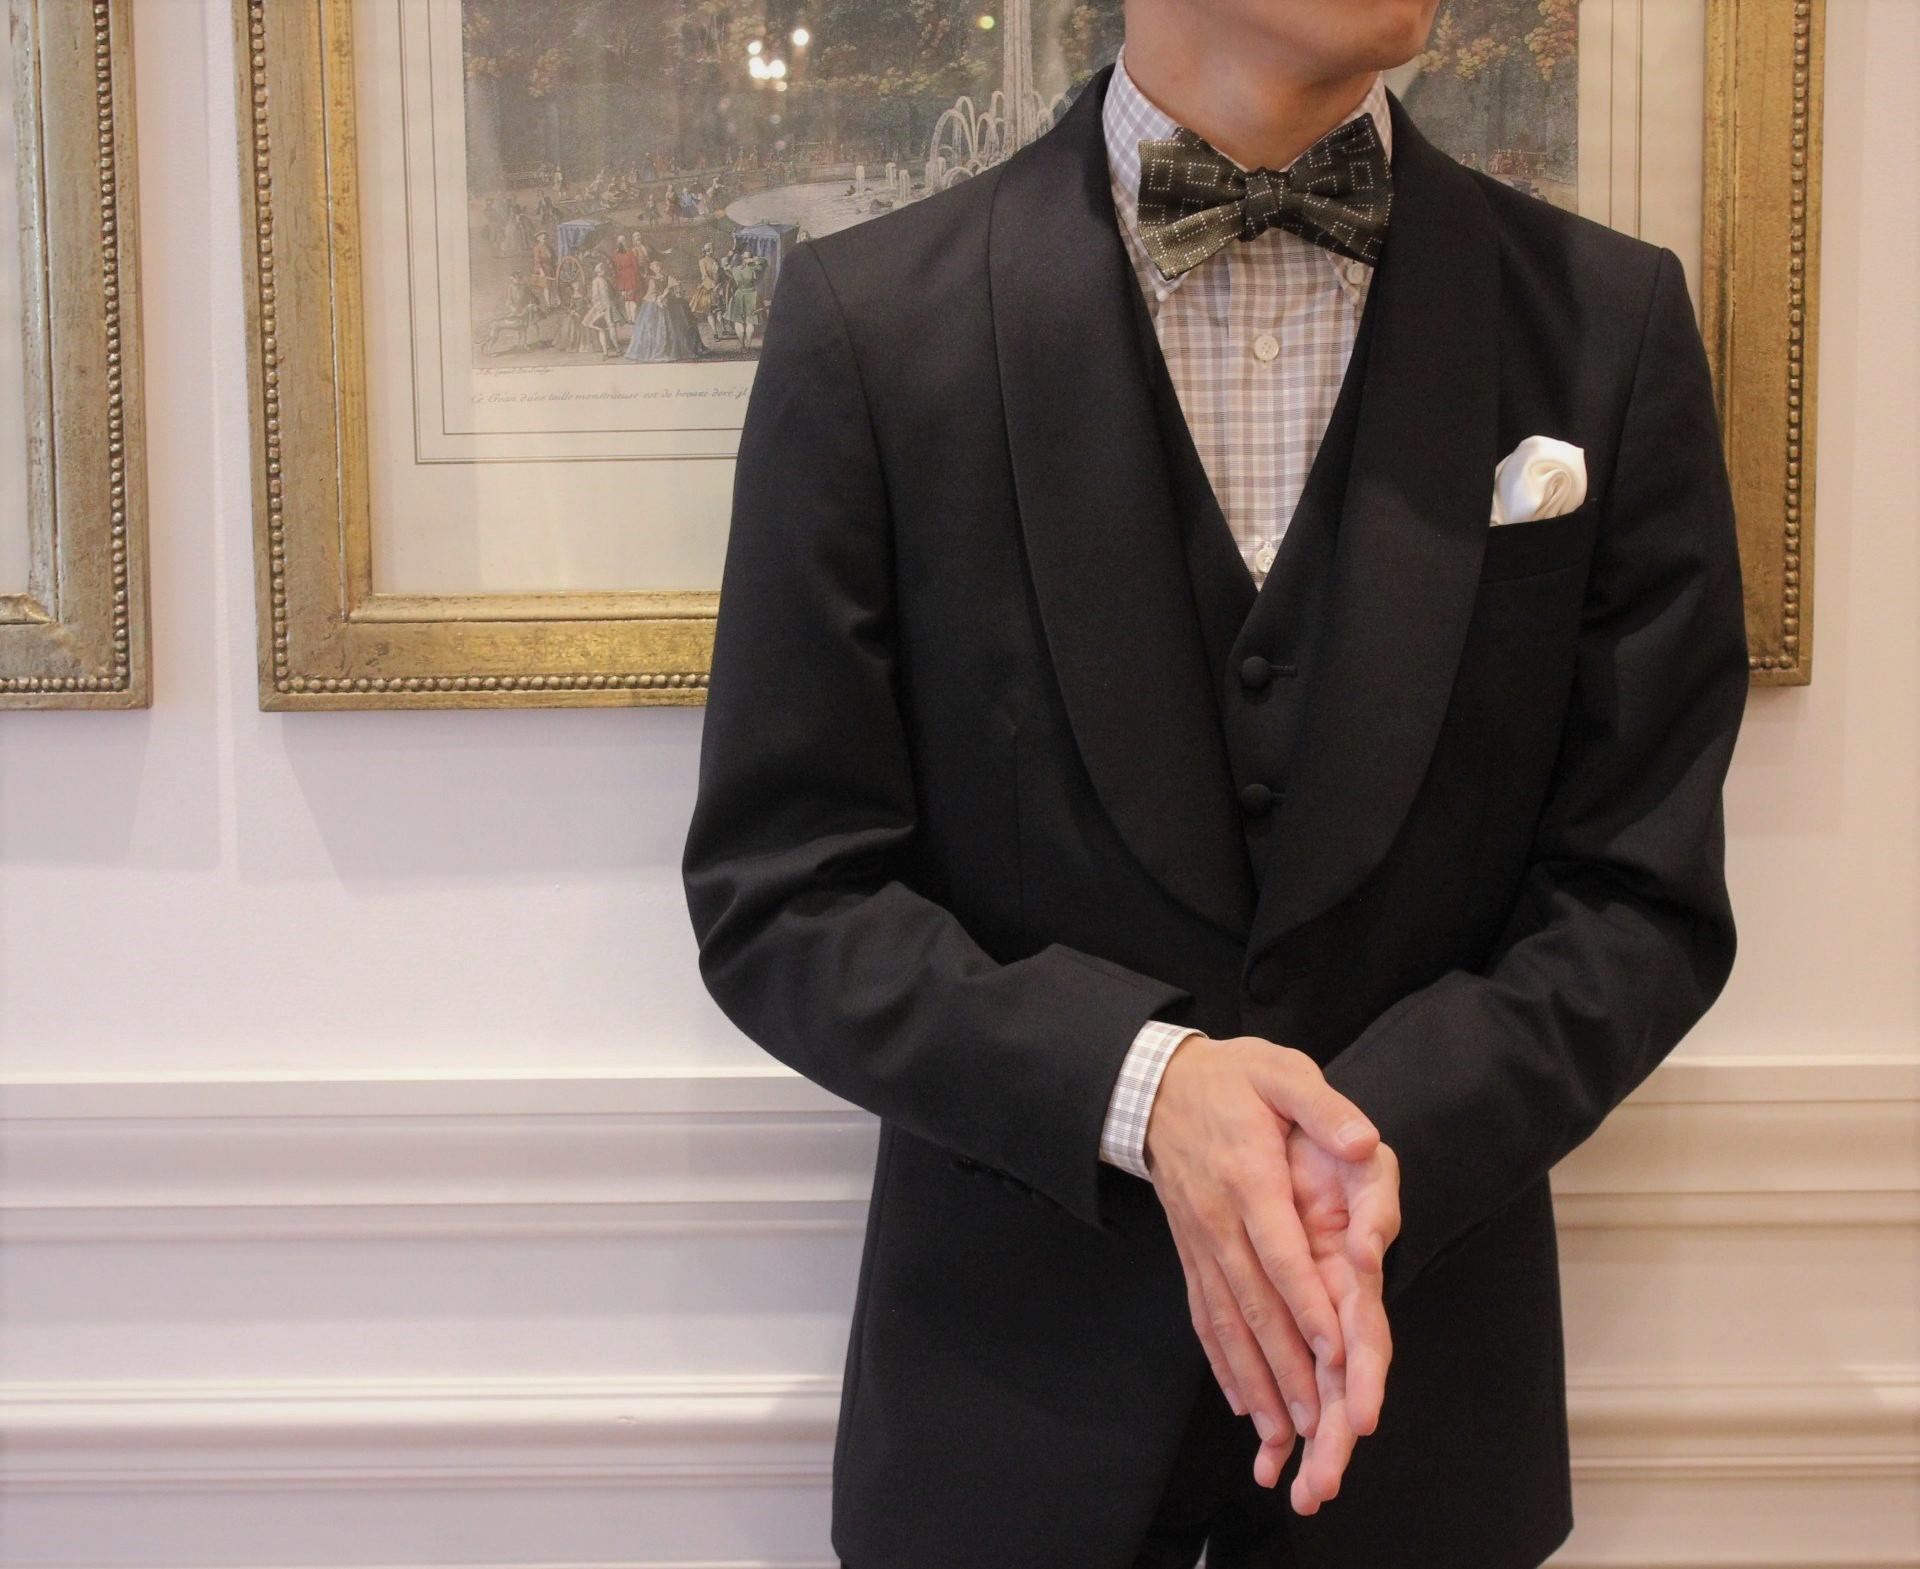 TREAT Gentlman(トリートジェントルマン)がナチュラルでアットホームなお式をご希望のご新郎様におすすめのカジュアルスタイル